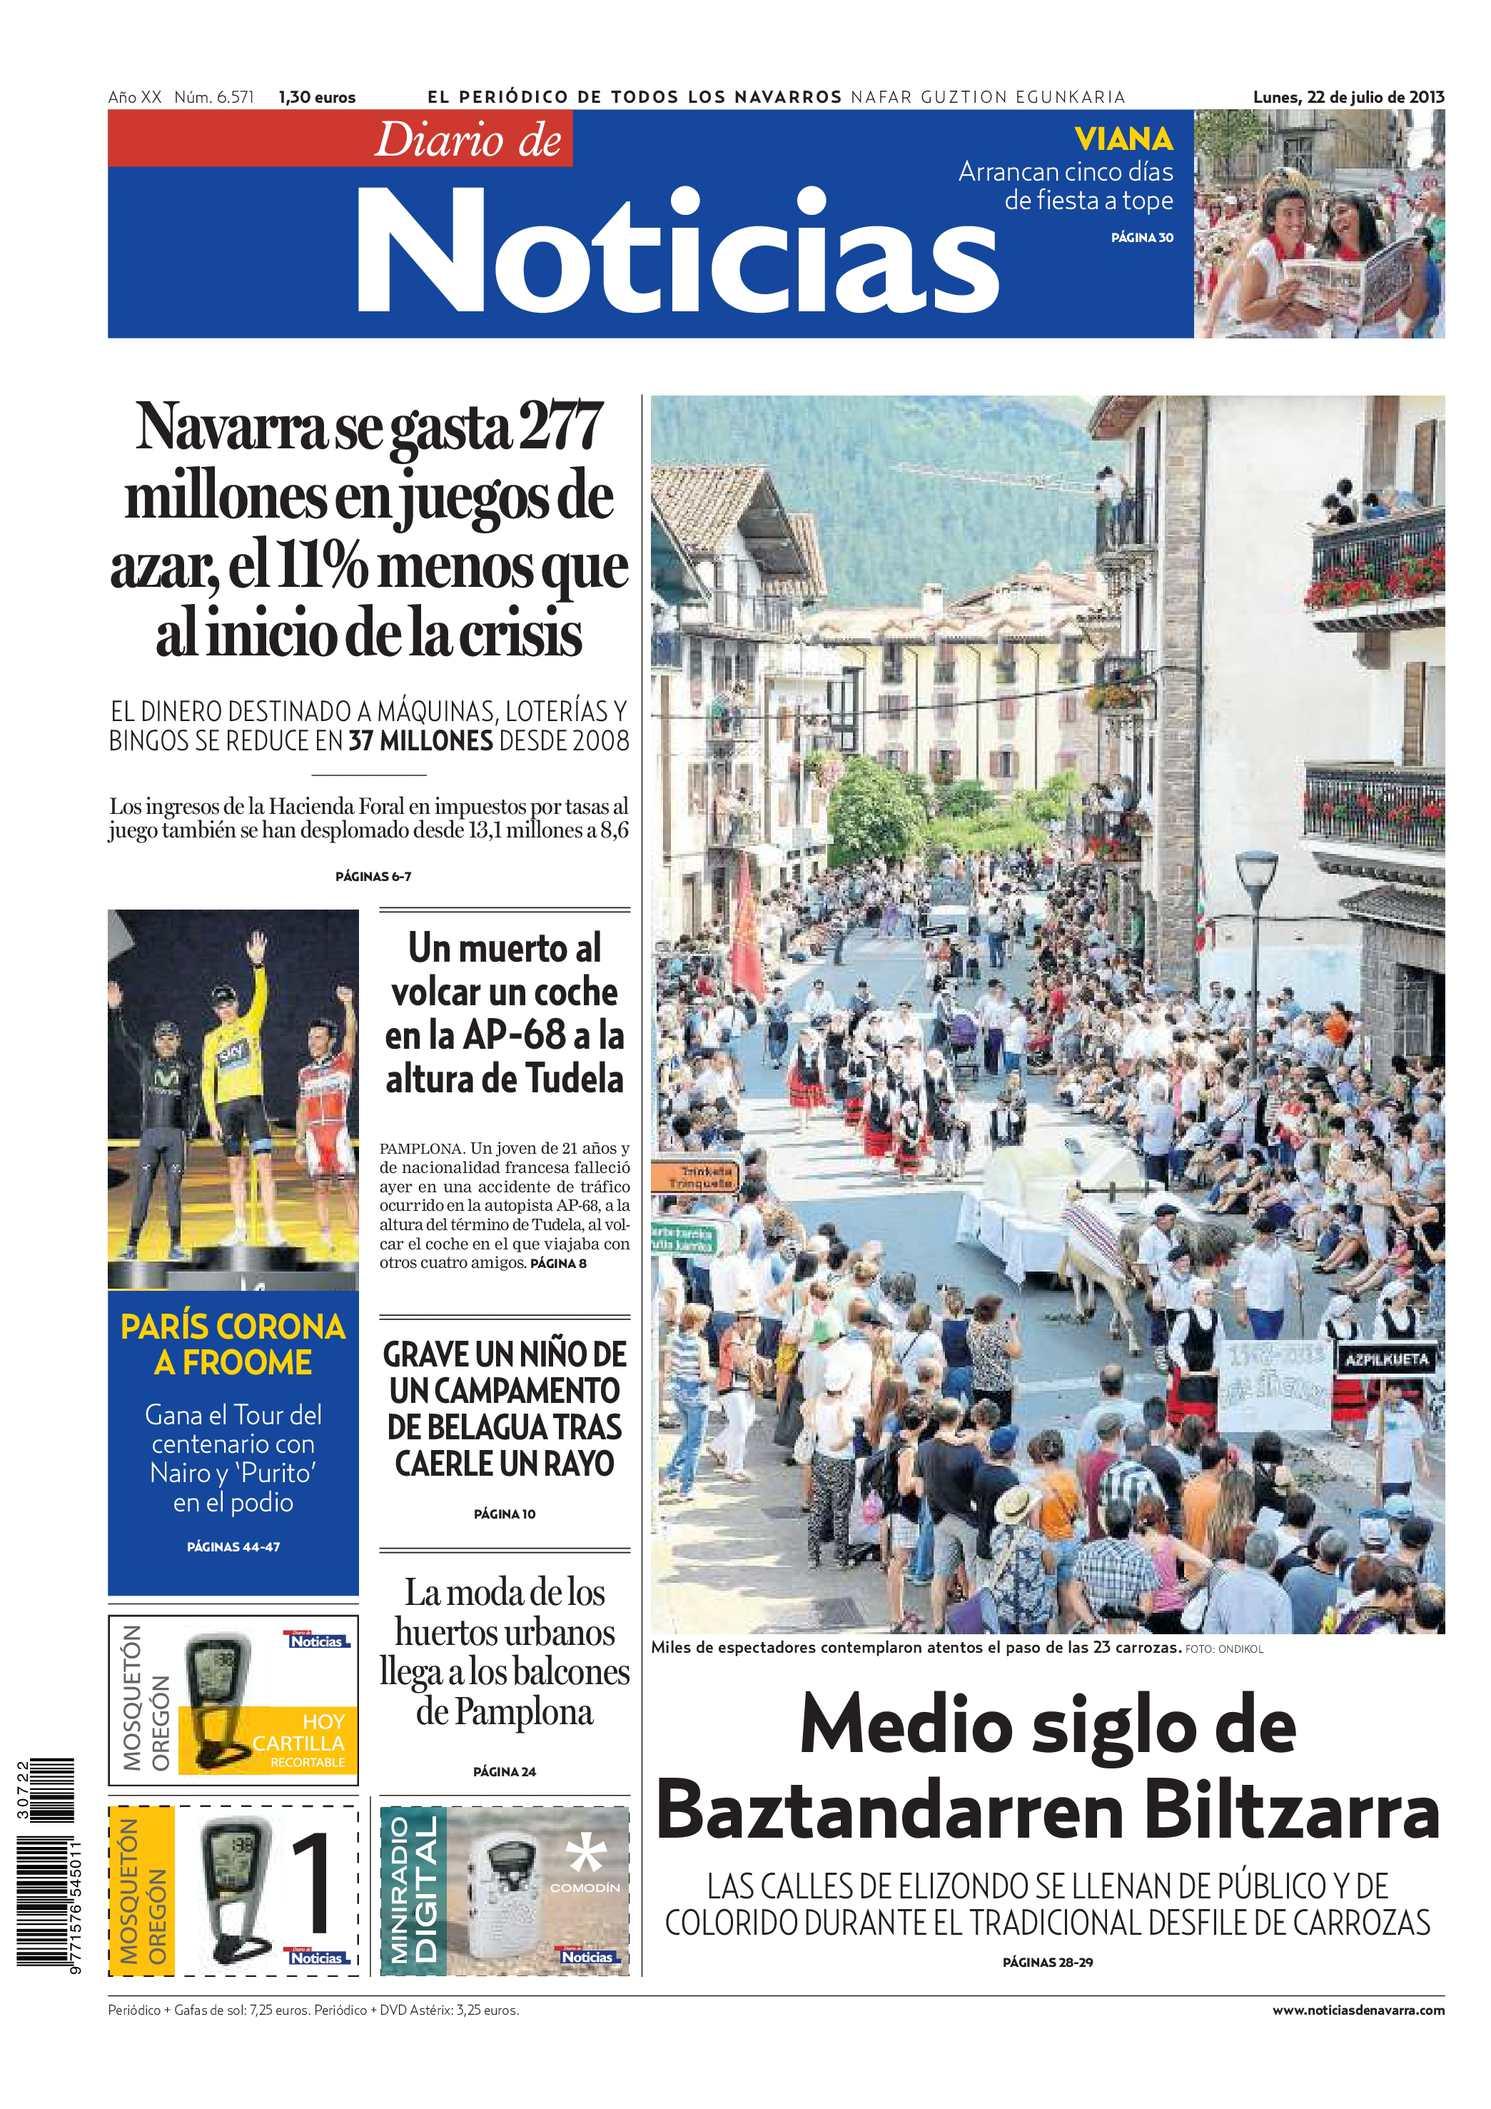 c7857d95a Calaméo - Diario de Noticias 20130722